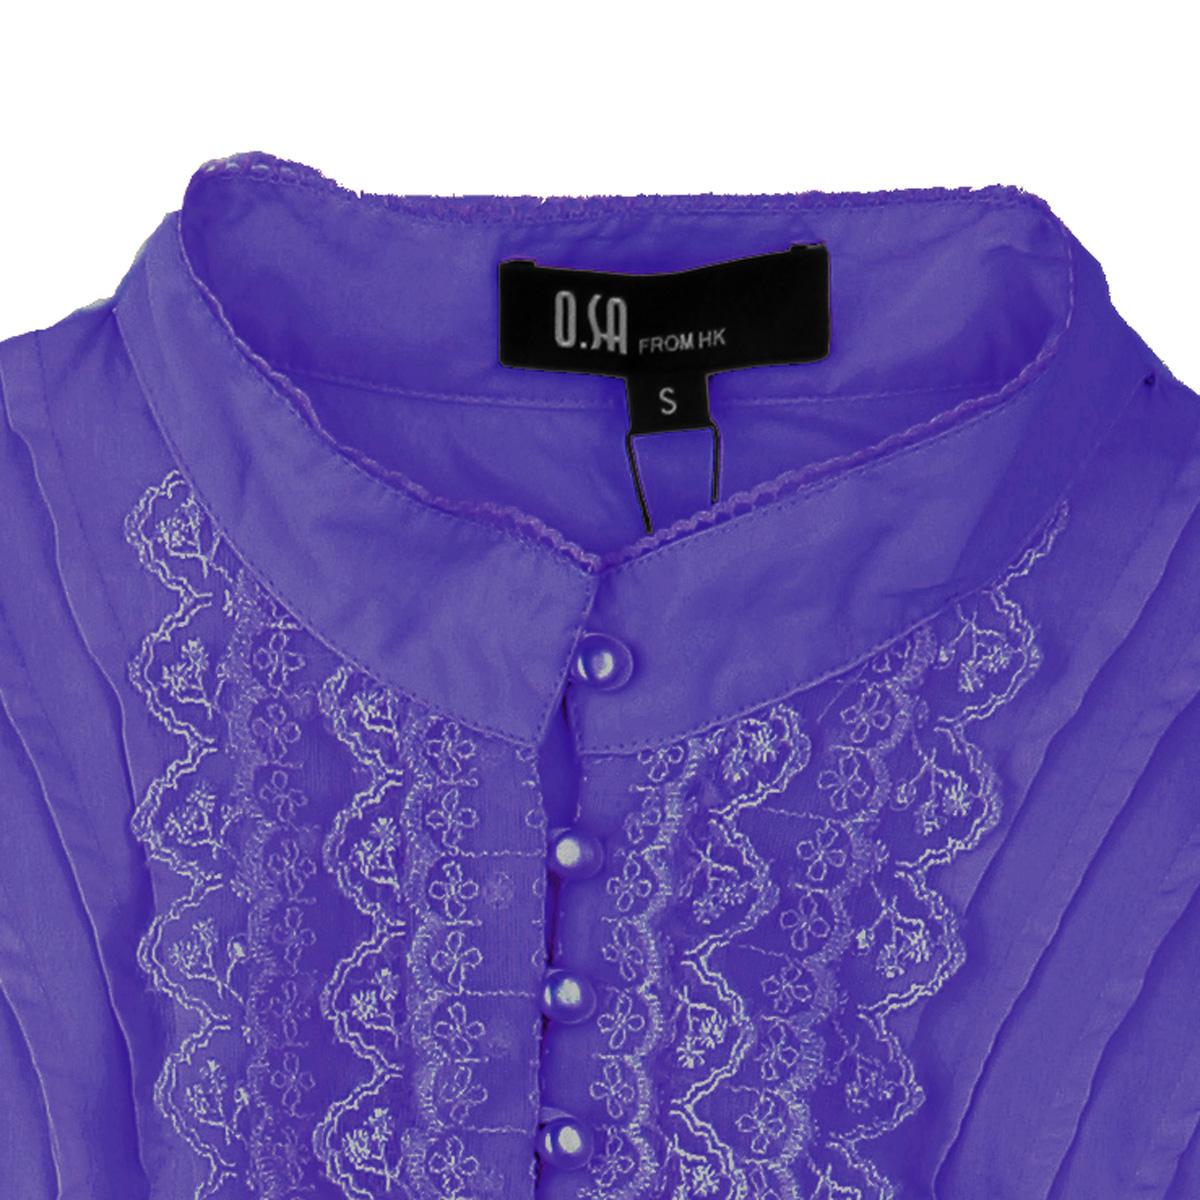 женская рубашка OSA sc90207 OSA2011 OL C90207 Длинный рукав В клетку Закругленный вырез